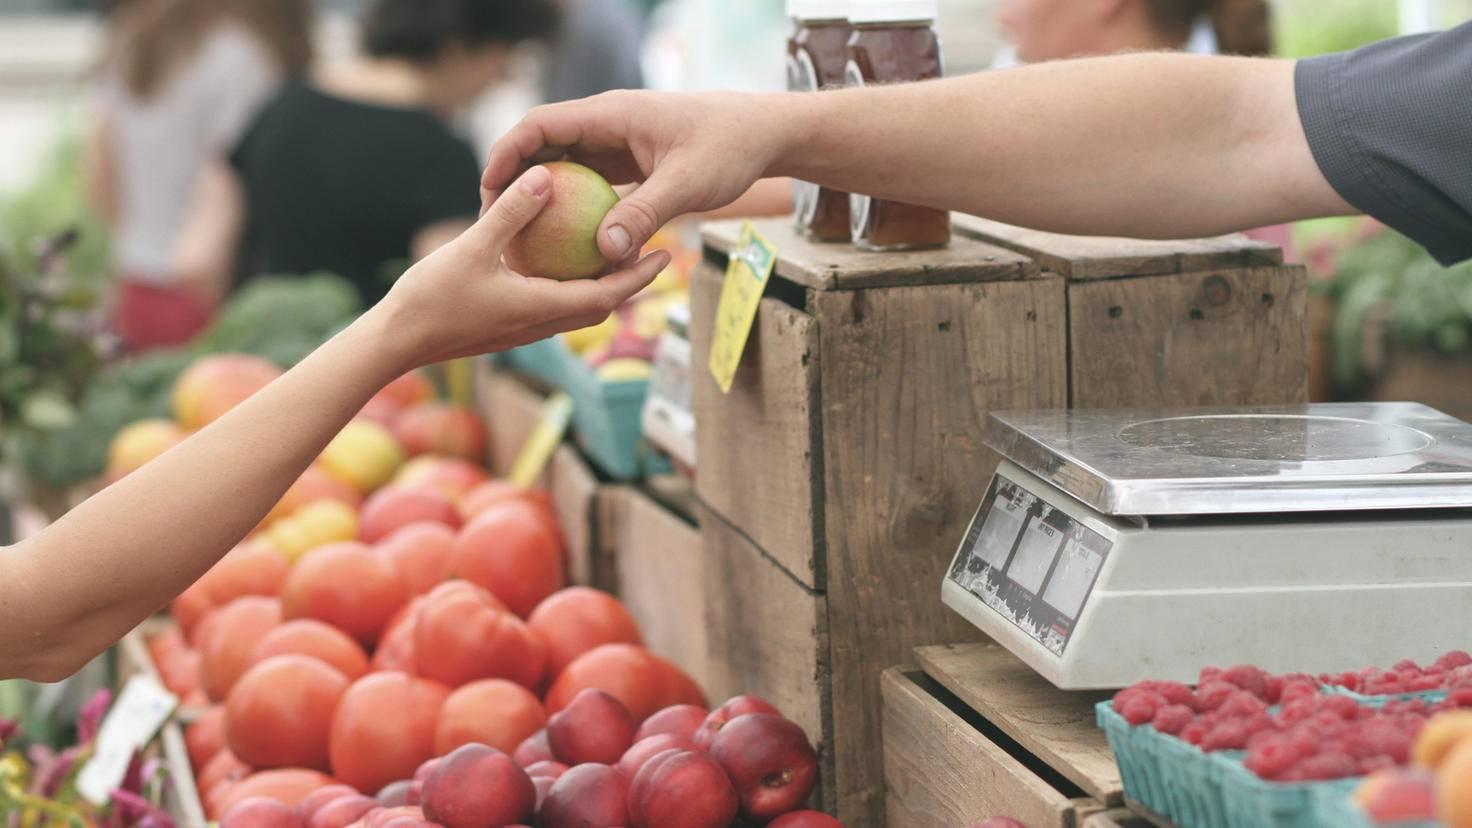 Von Hand zu Hand: Auf dem Wochenmarkt kann auf Plastikverpackung verzichtet werden.